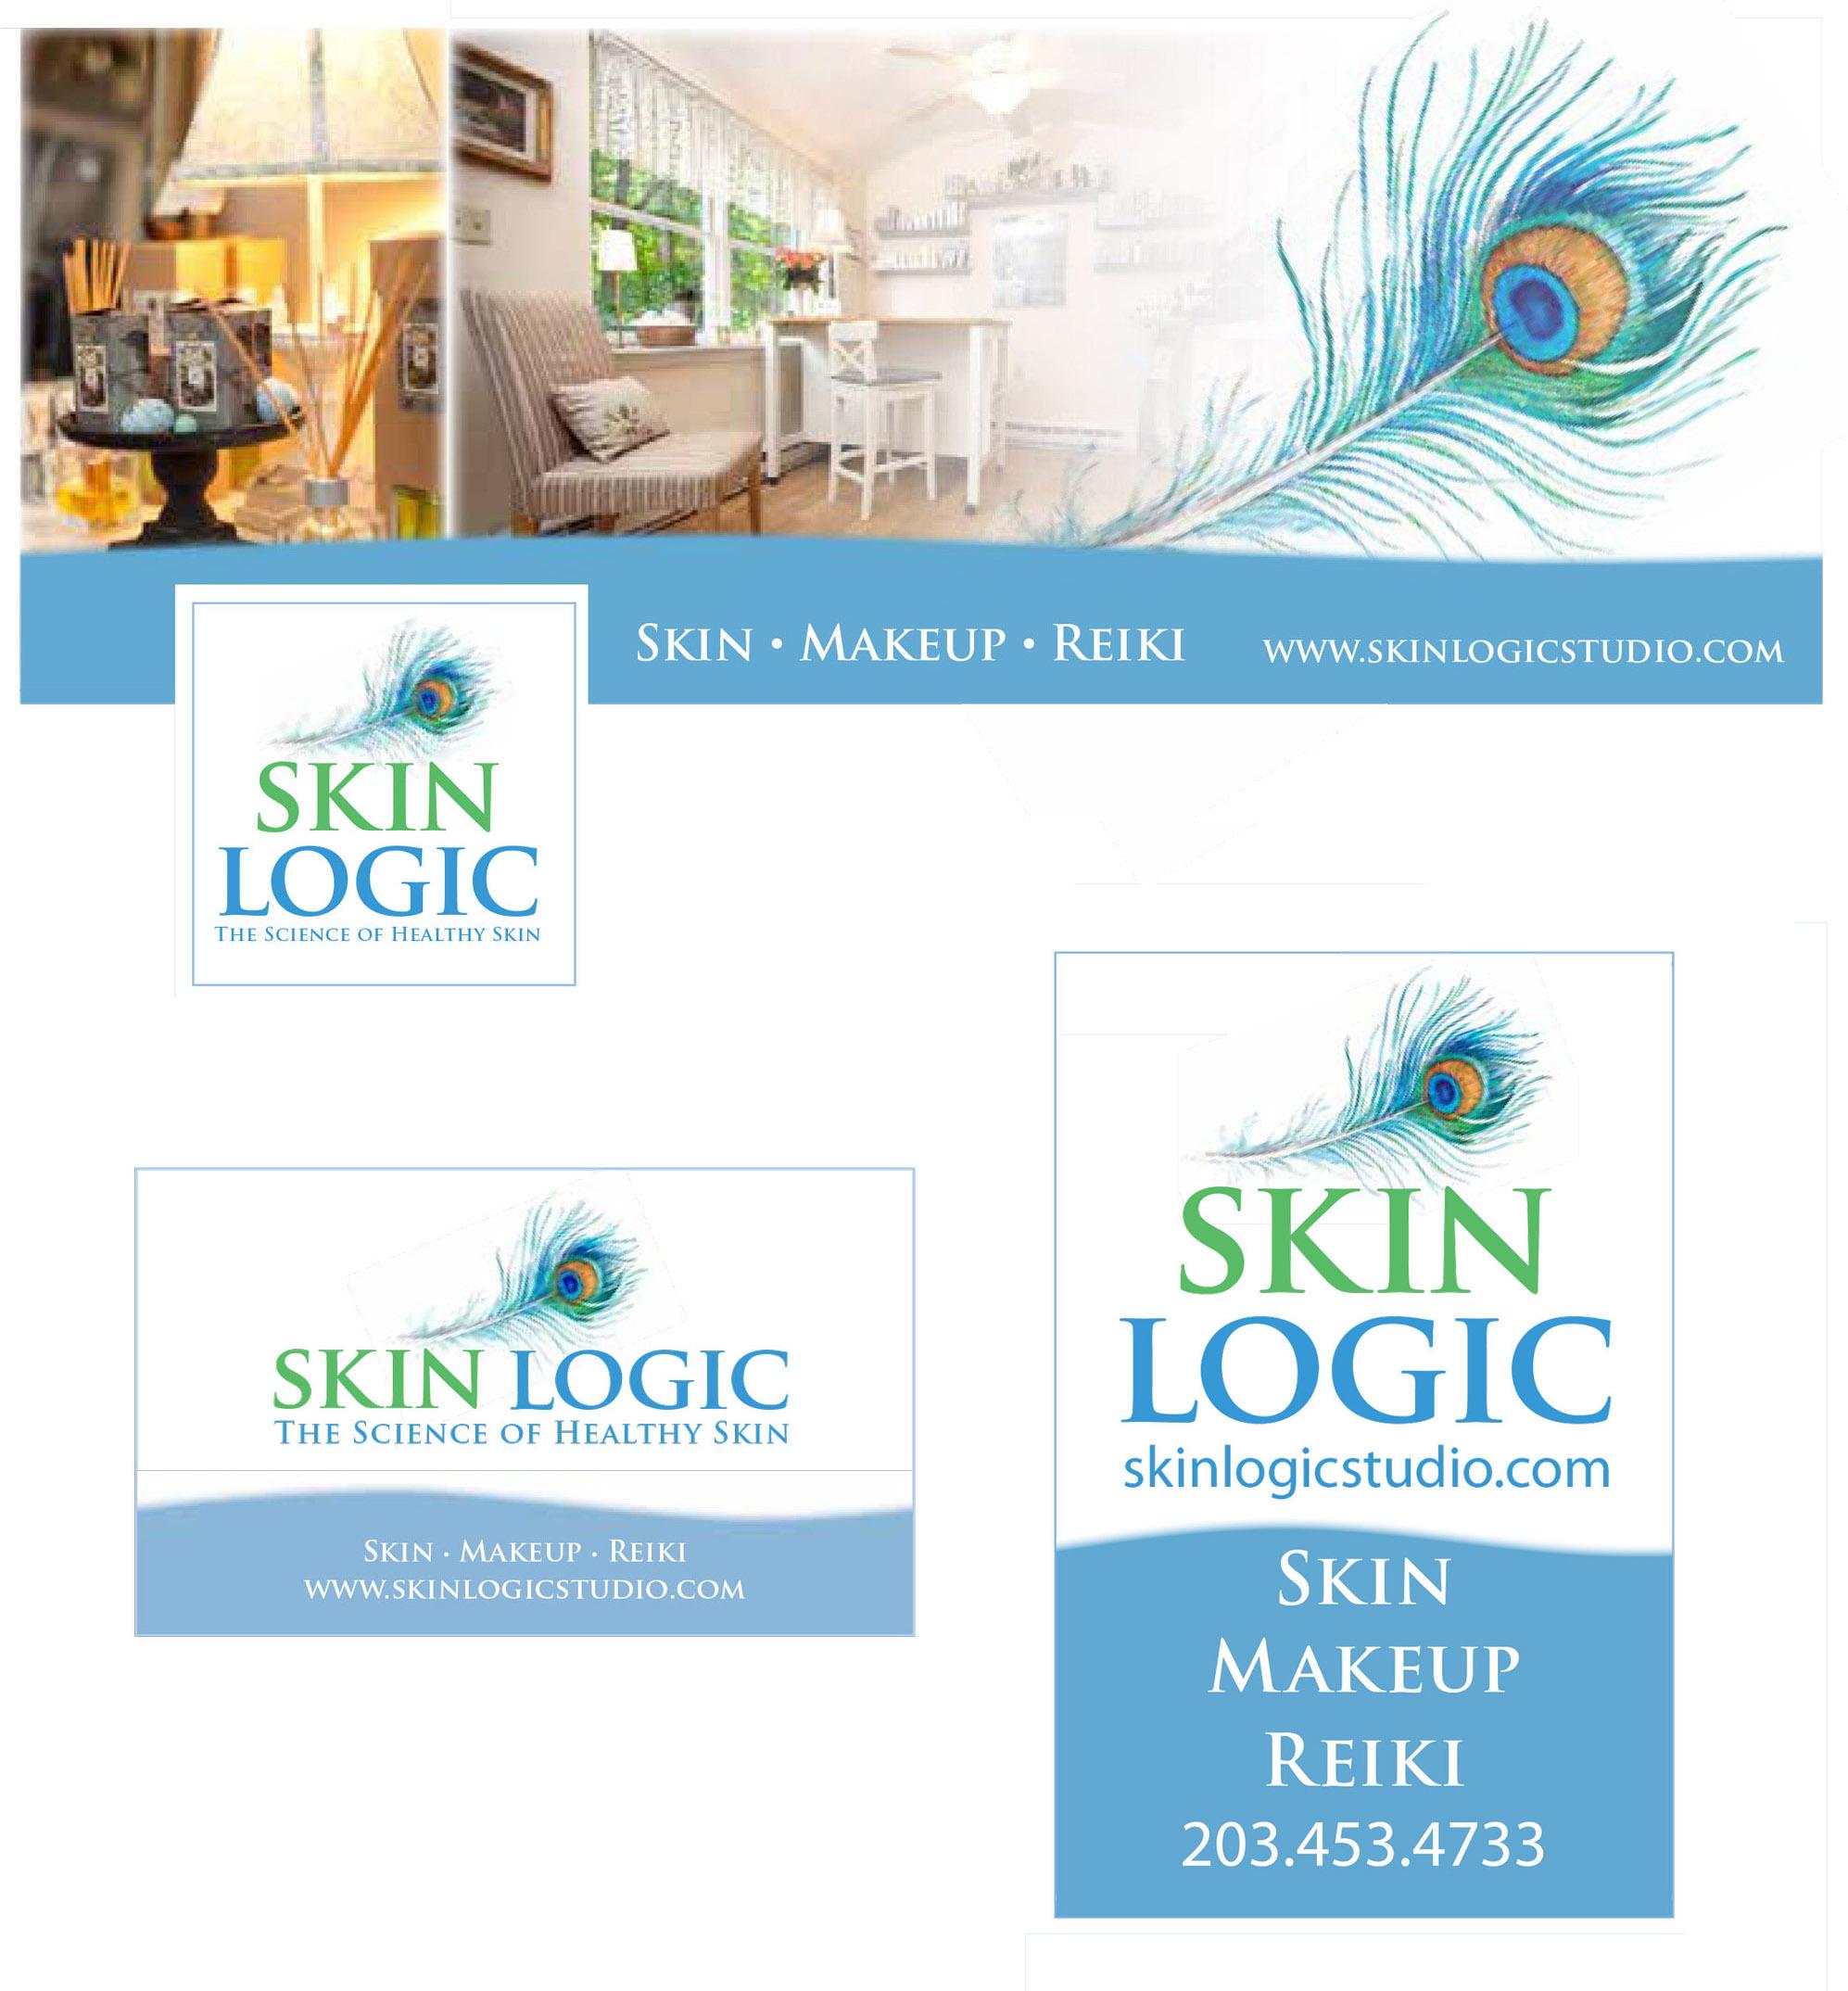 Skin-Logic-website_bizcard